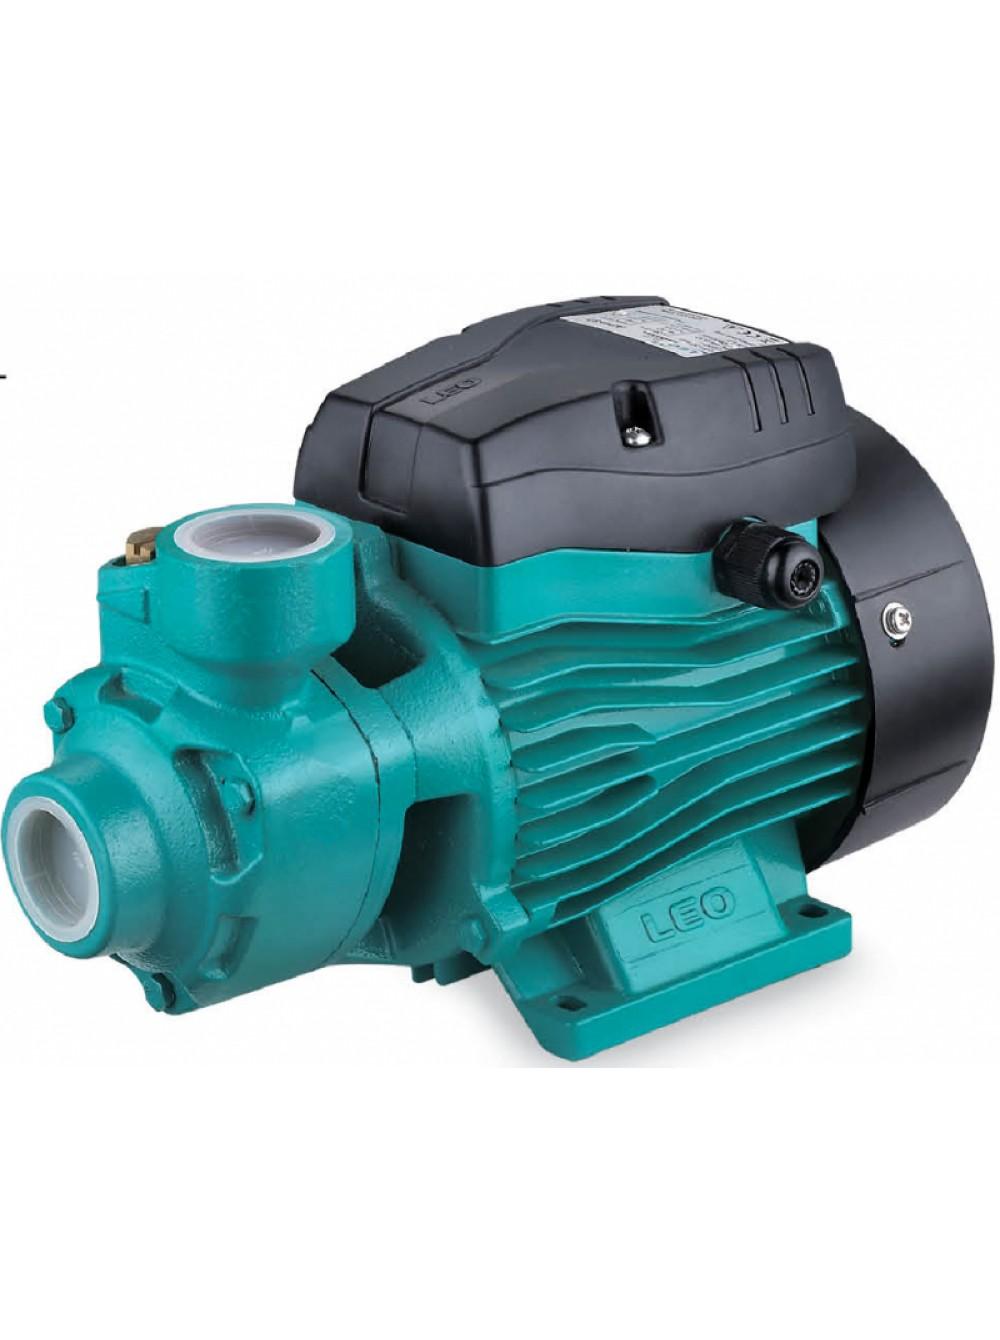 Насос вихревой Aquatica 775132 0,37 кВт цена